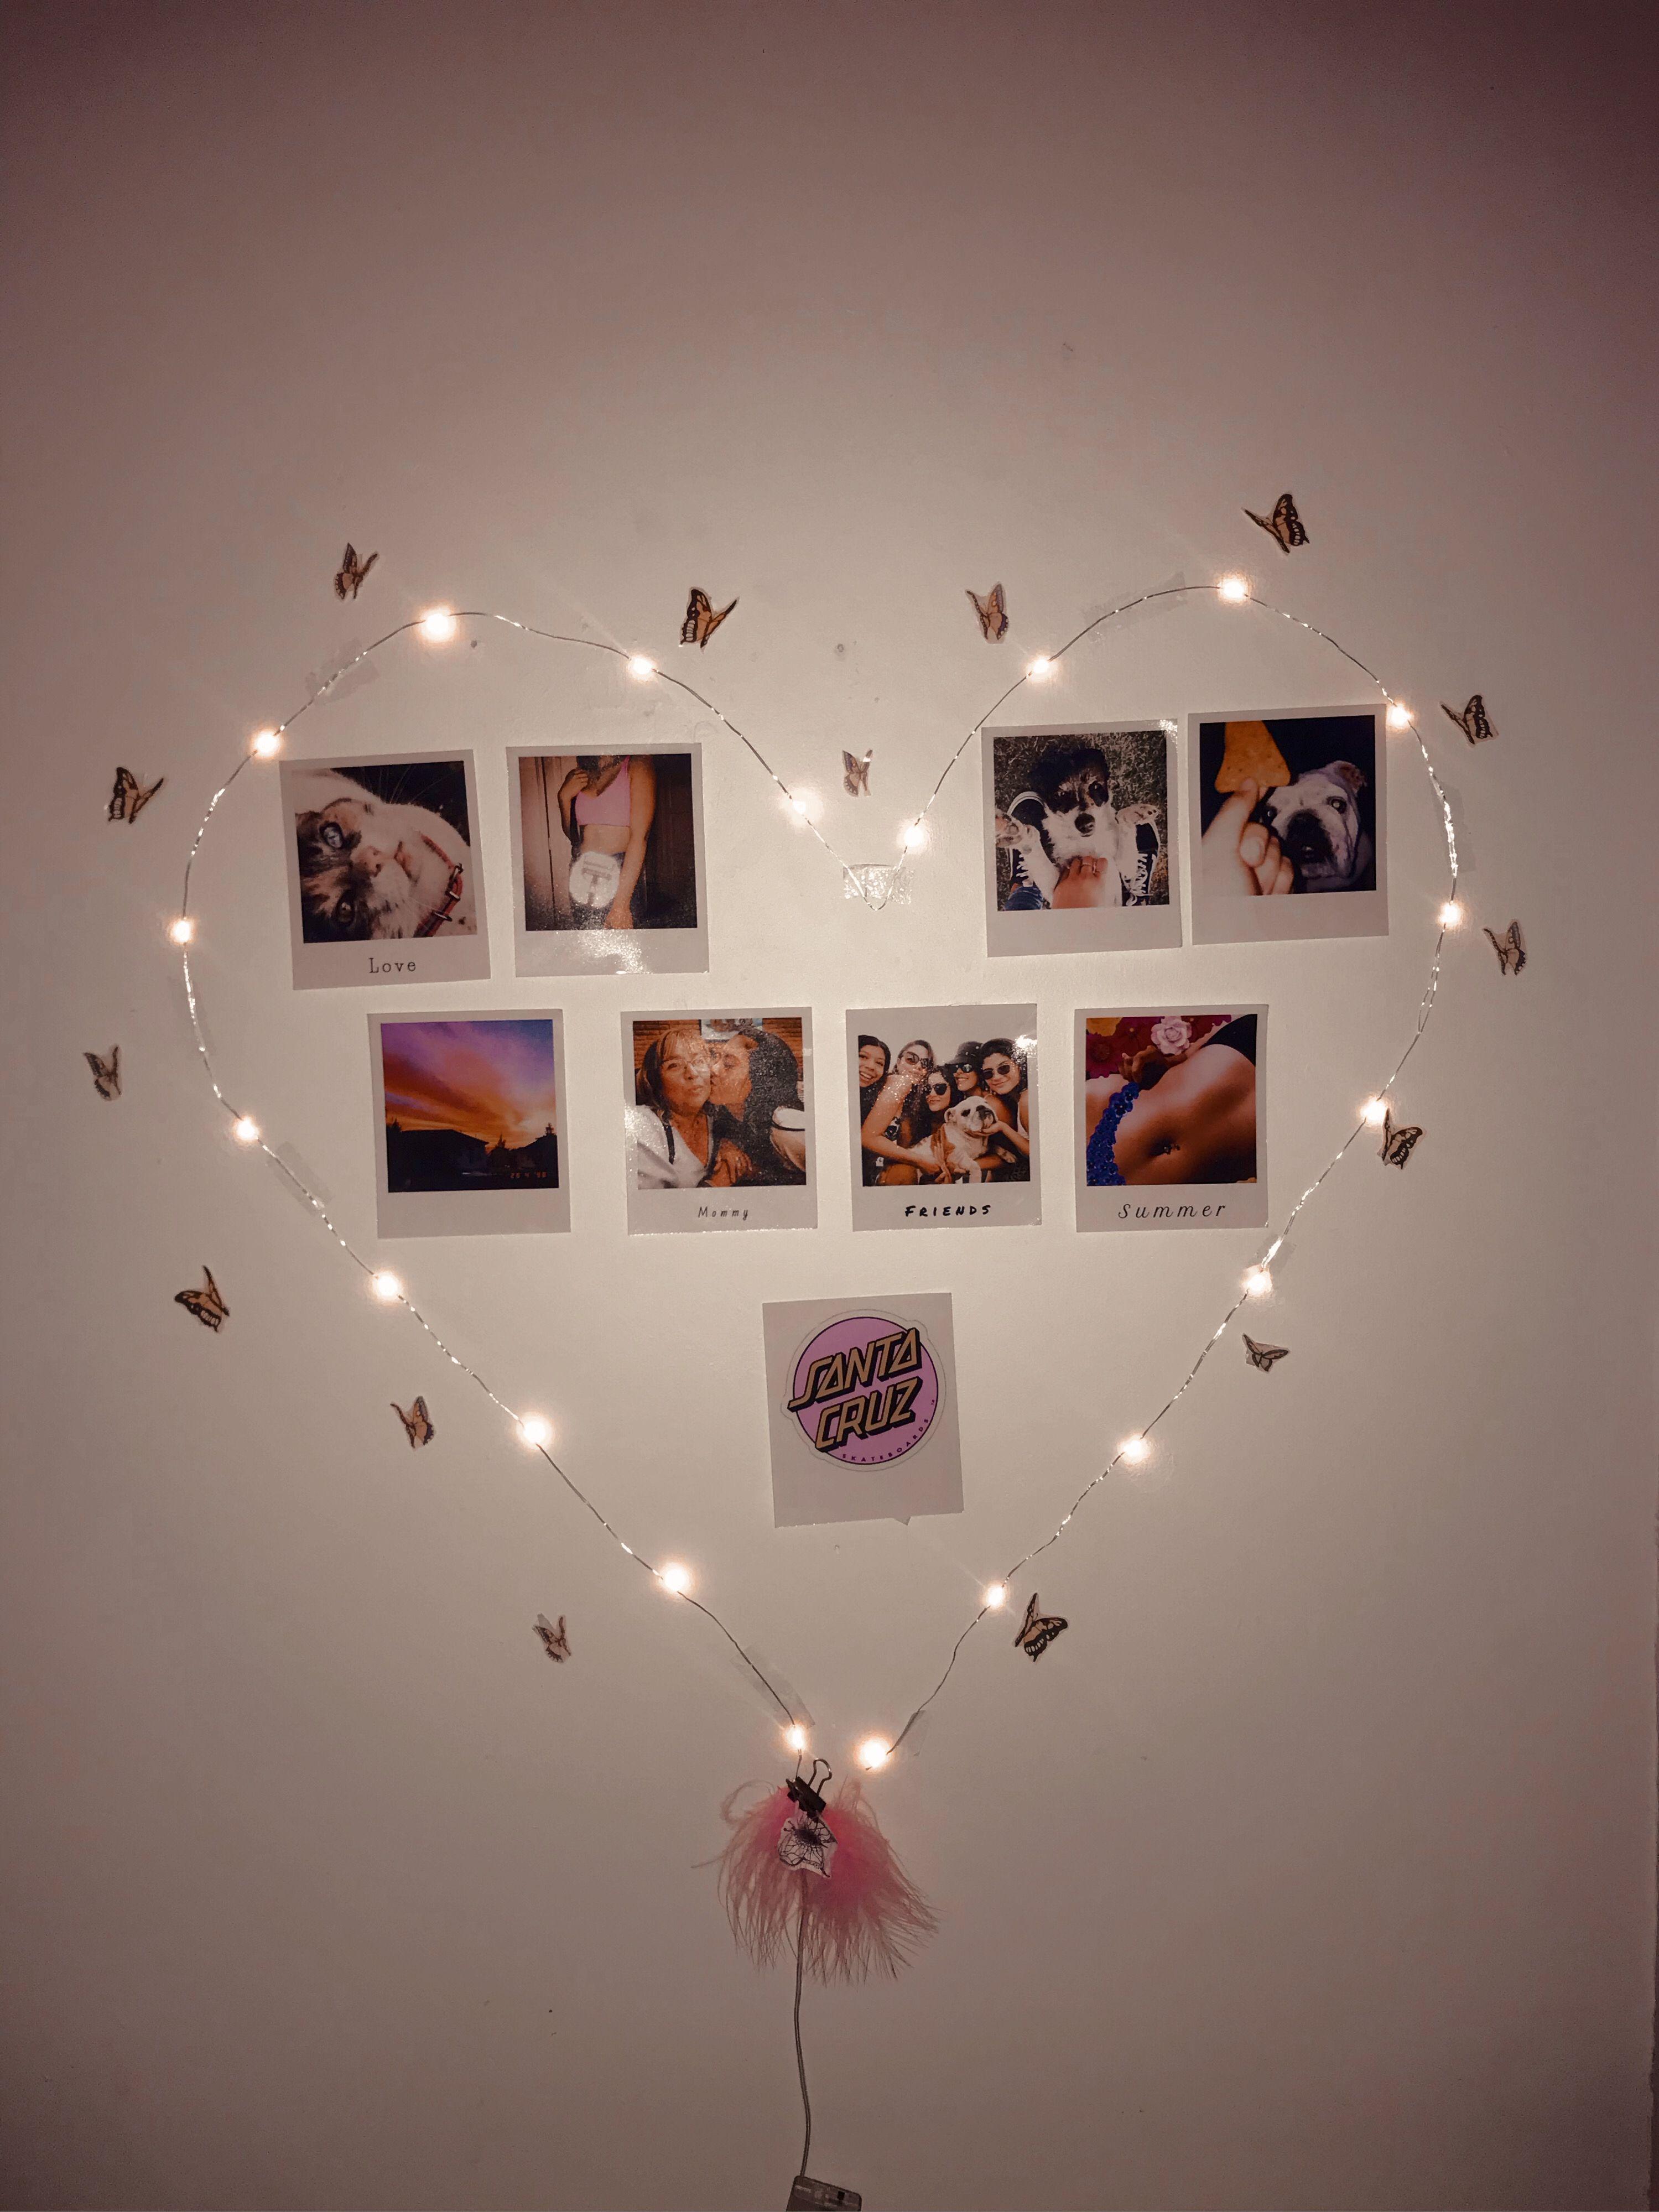 36+ Cuartos decorados con luces ideas